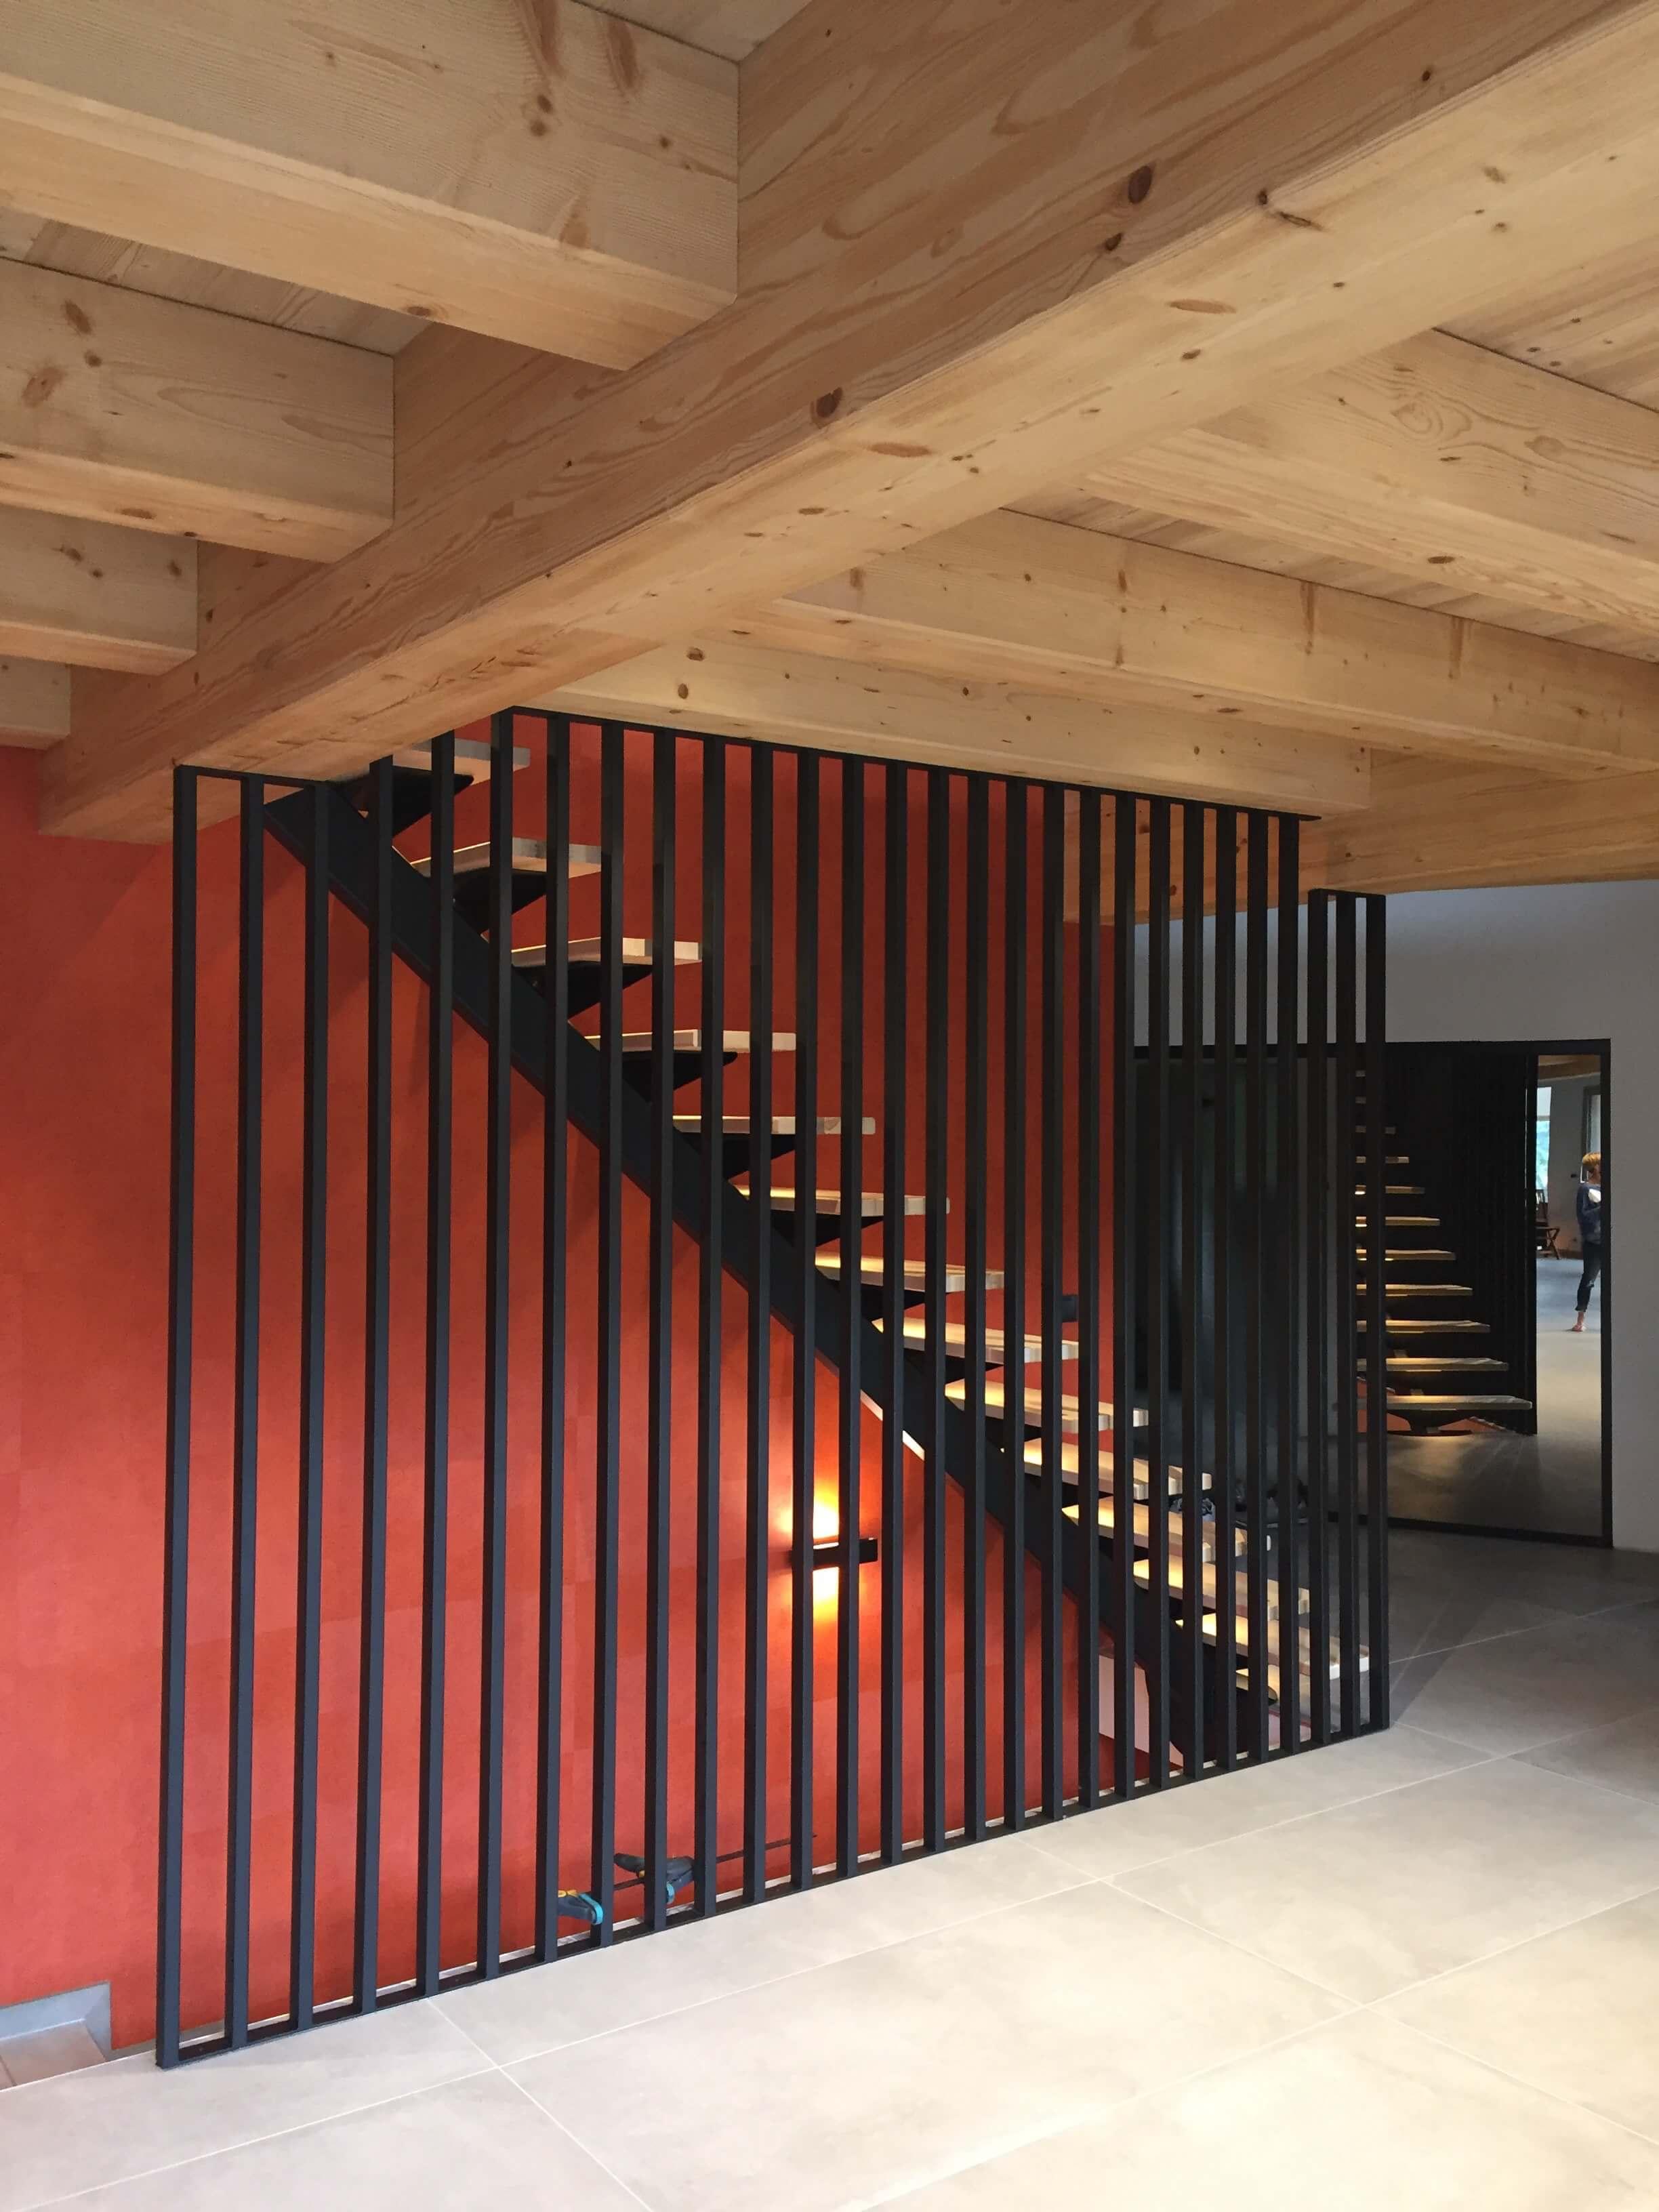 Robi design Métallique Annecy agencement intérieur verrière claustra Tarentaise 7323